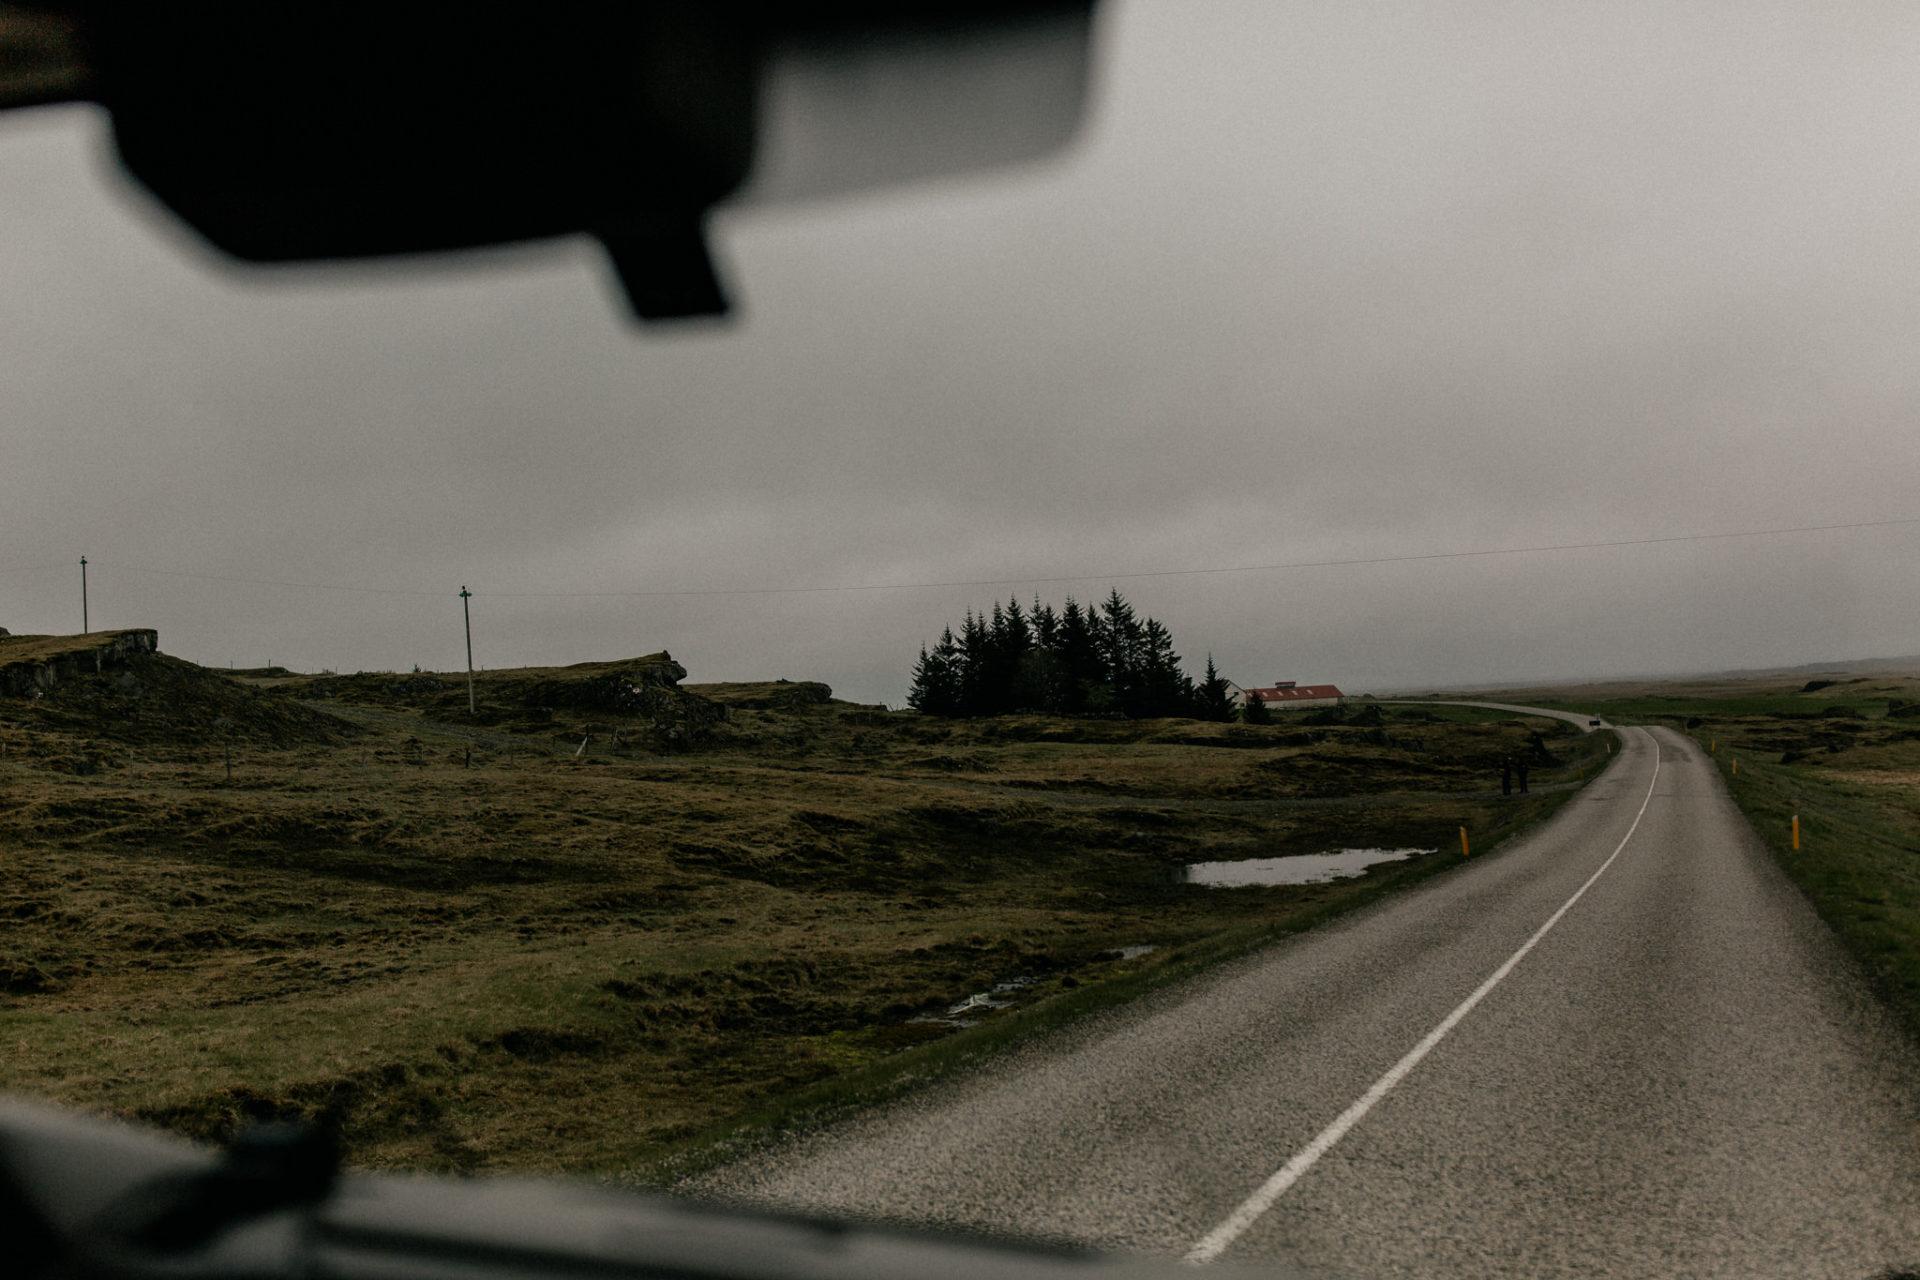 Iceland road trip camper van